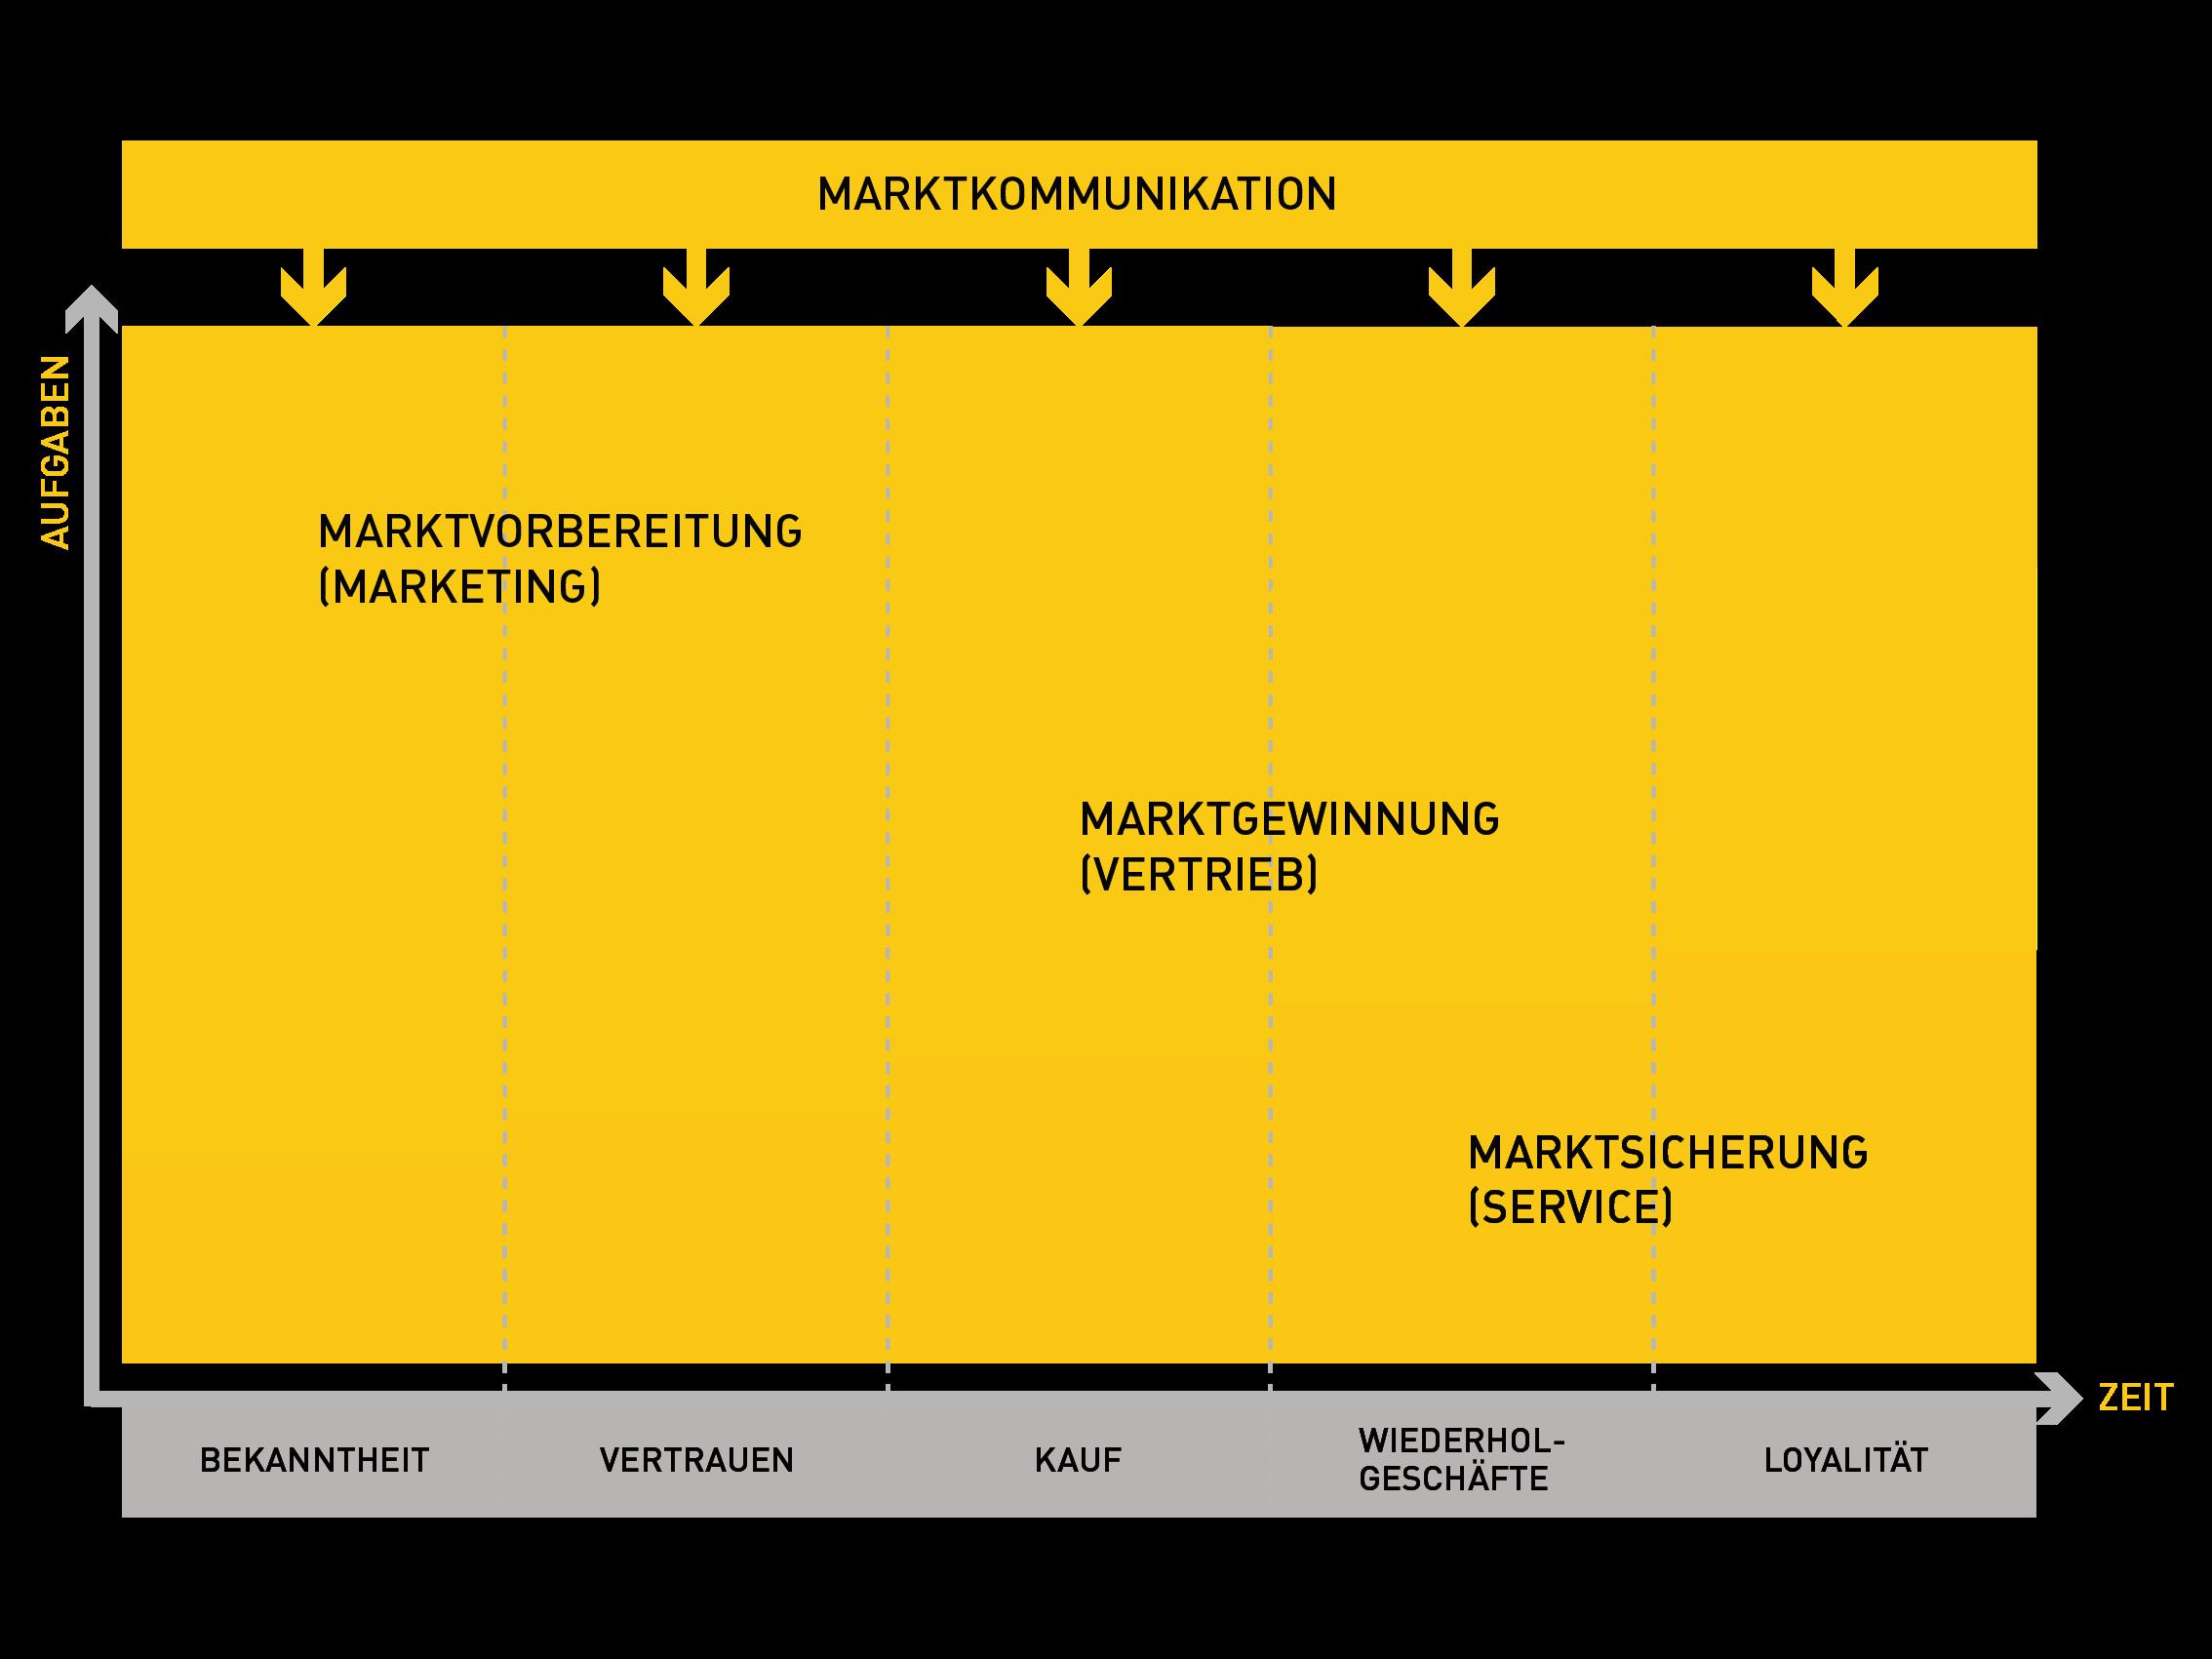 Vertrieb - Marketing - Service: Integrierte Marktbearbeitung